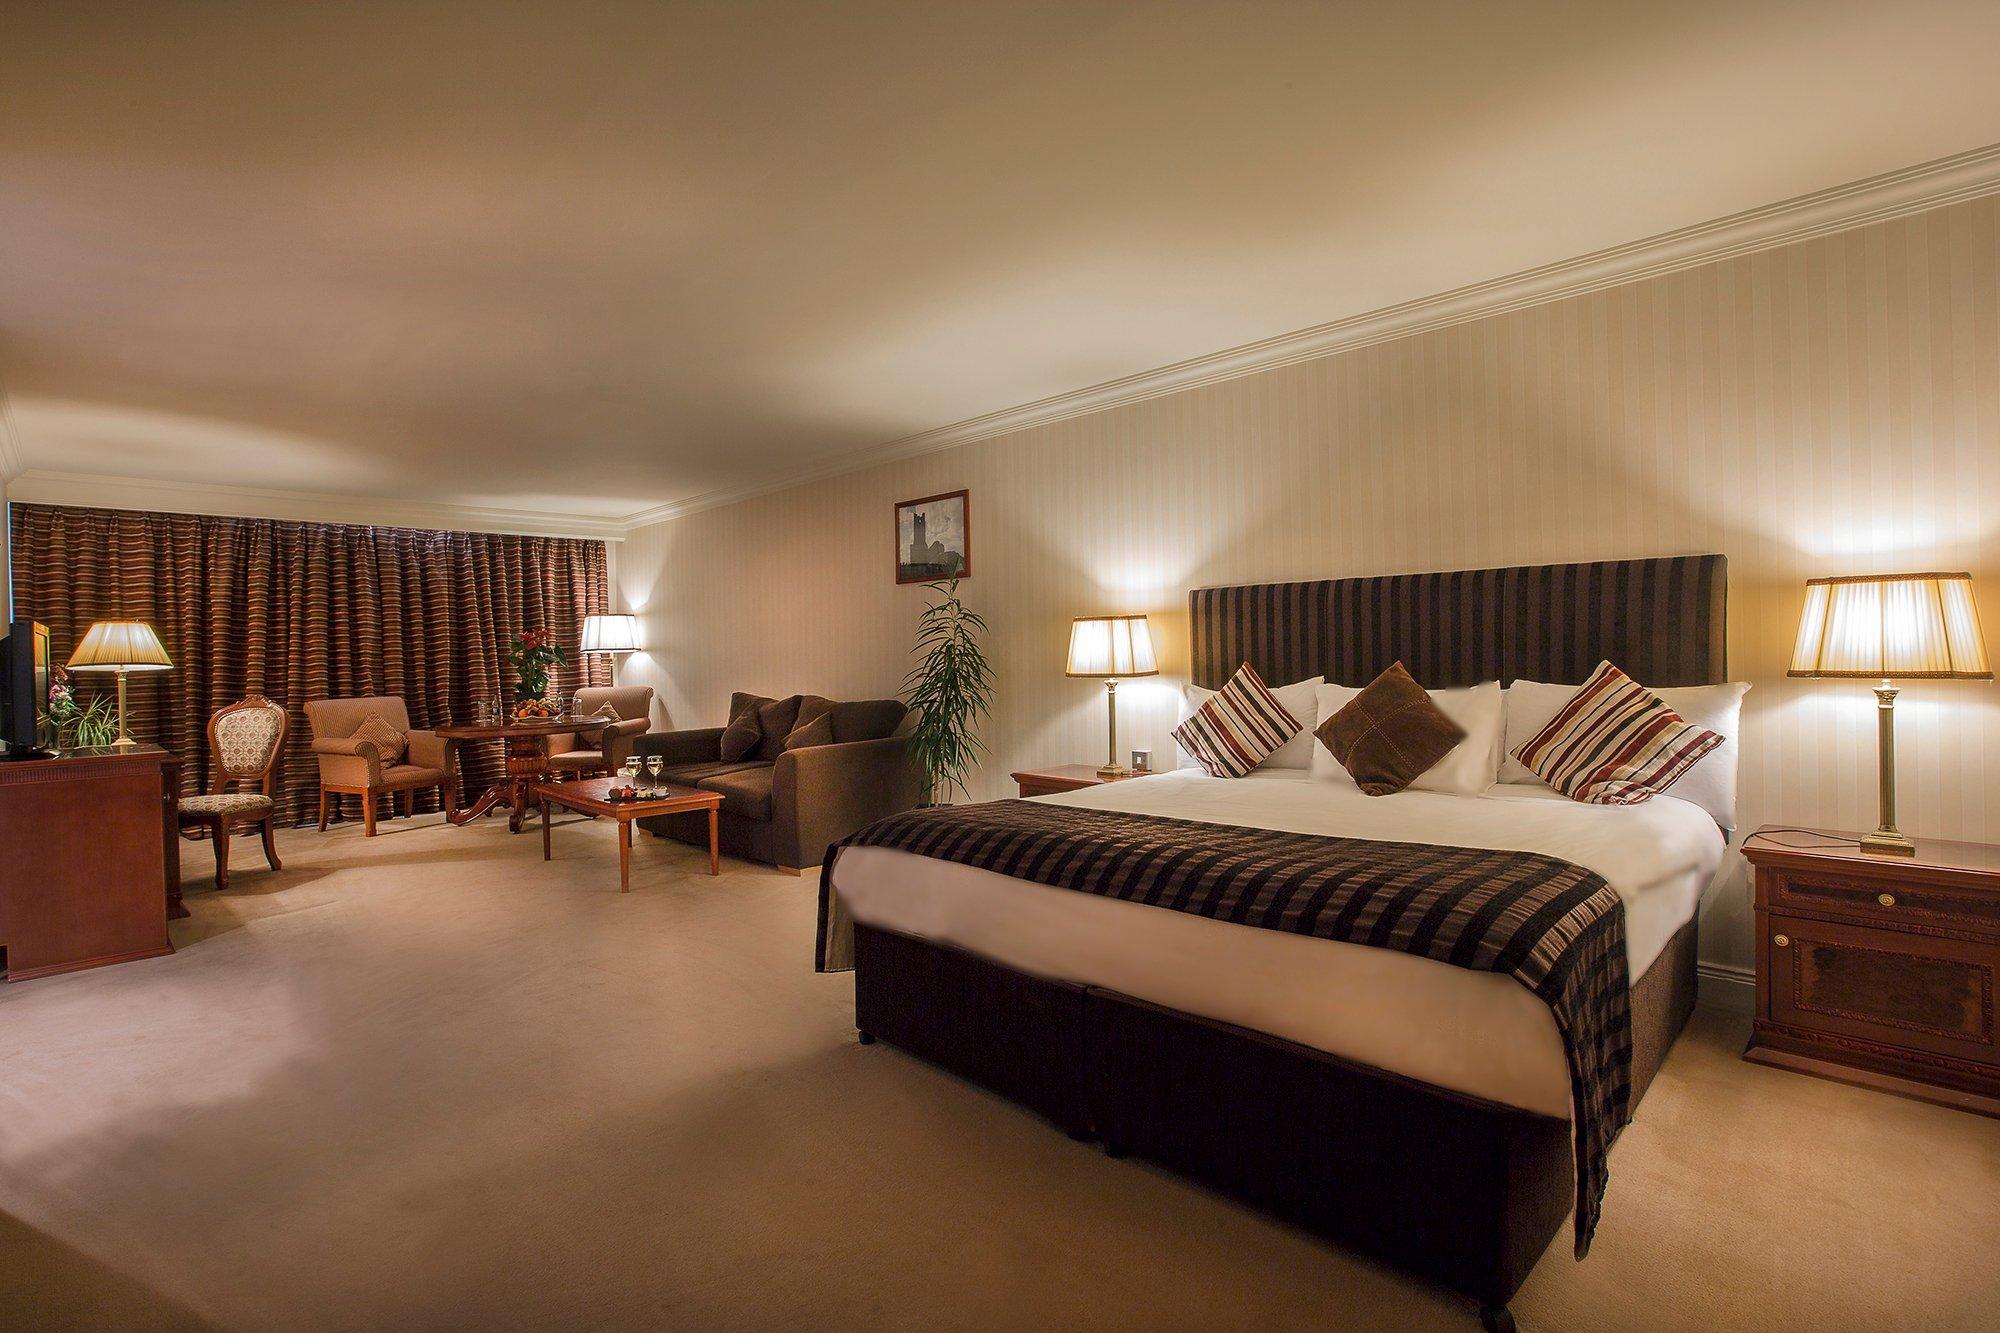 ナイツブルック ホテル スパ & ゴルフ リゾート